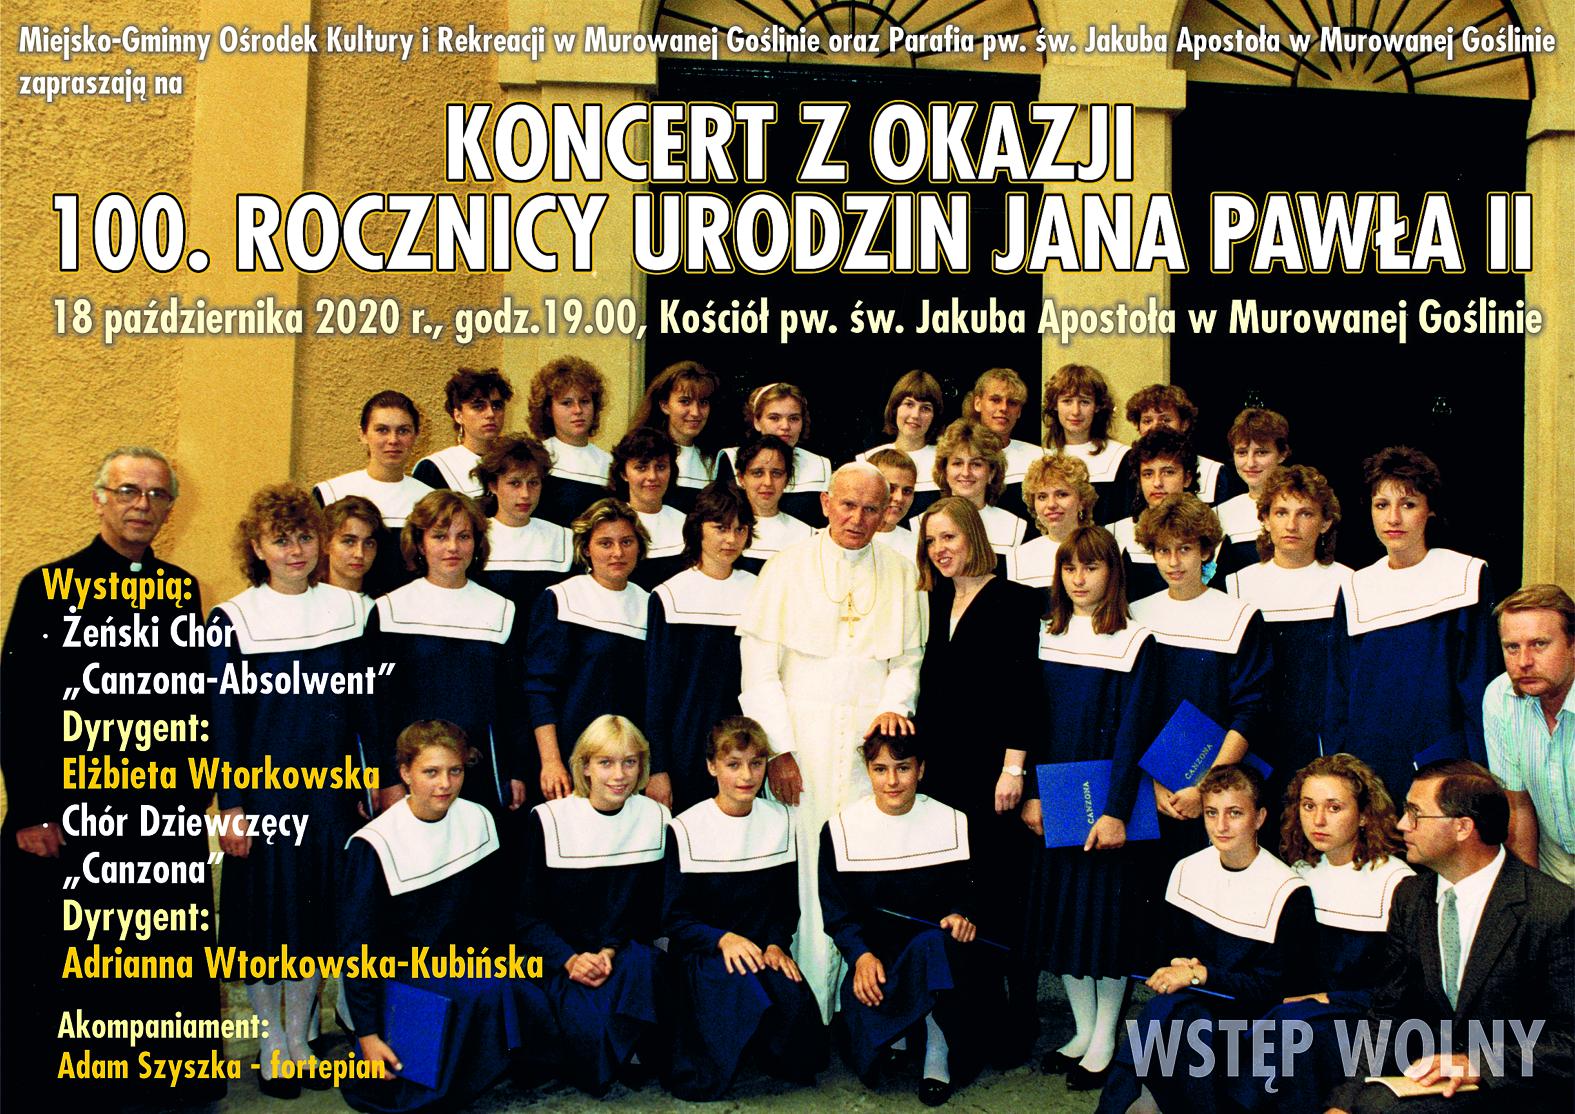 """Plakat przedstawia zdjęcie Chóru Dziewczęcego """"Canzona"""" podczas prywatnej audiencji u Ojca Świętego Jana Pawła II w 1988 roku. Na zdjęciu znajduje się tekst informujący o wydarzeniu."""